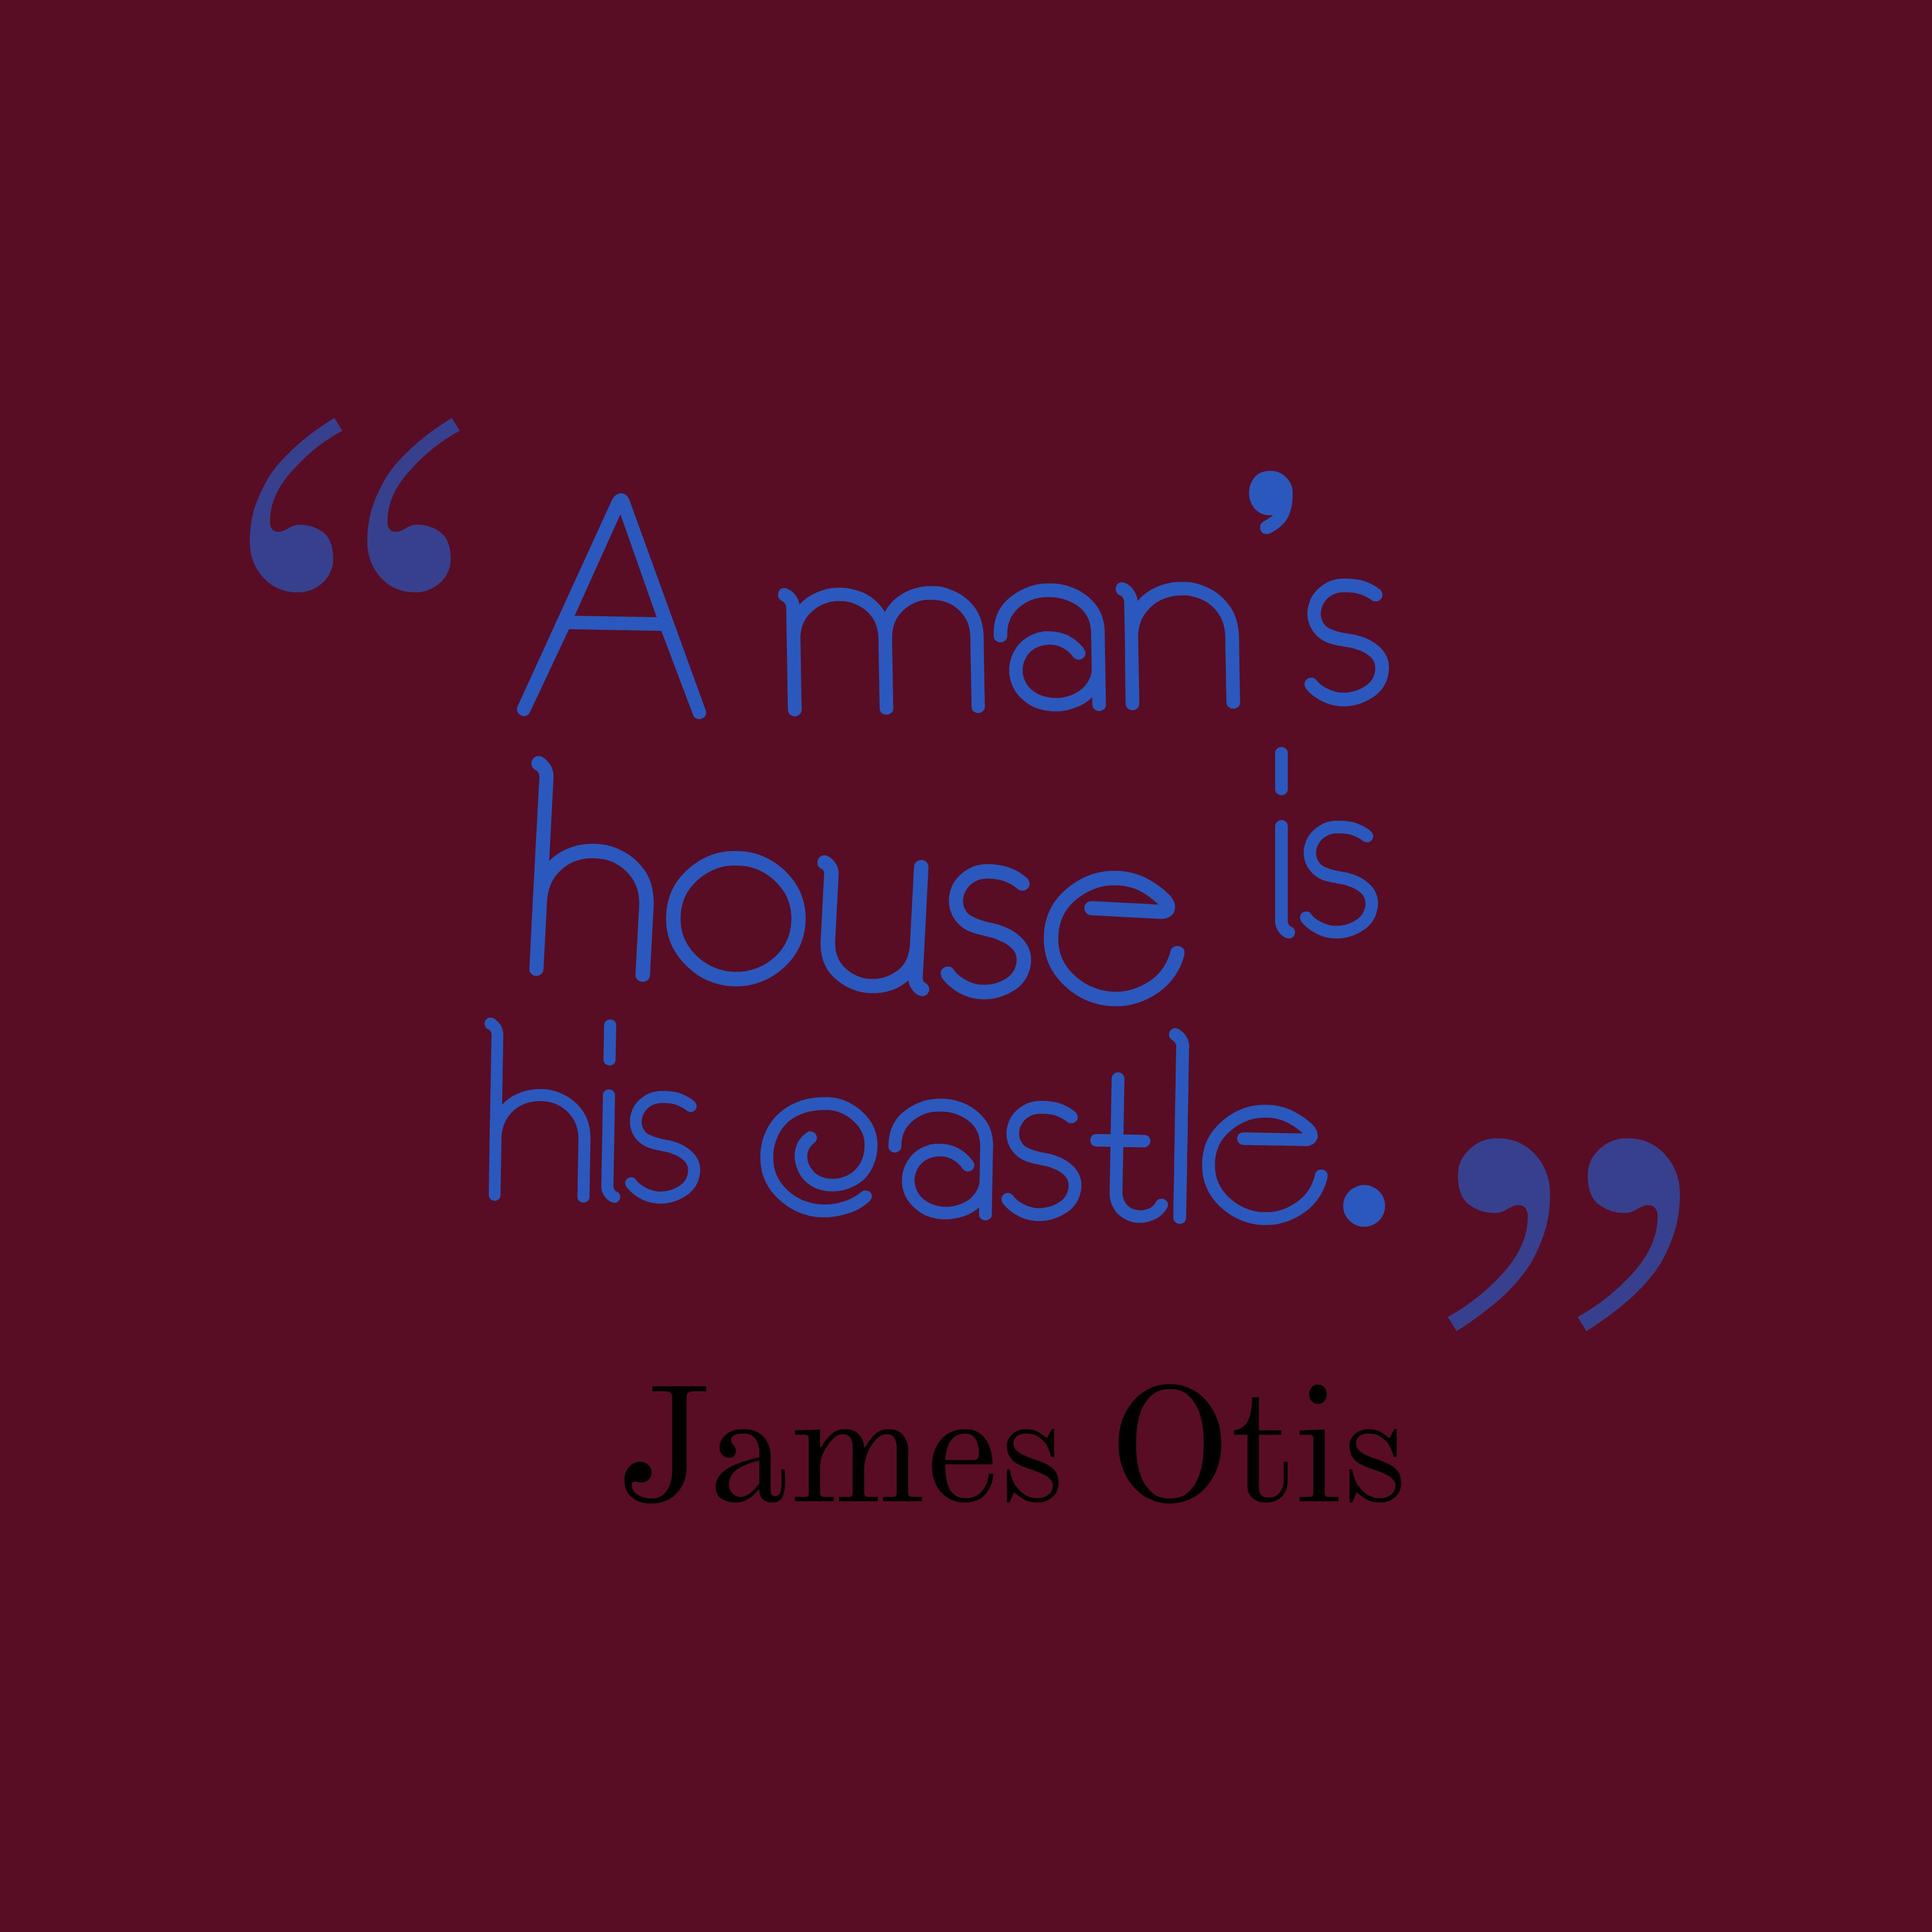 James Otis Quotes & Sayings |James Otis Quotes